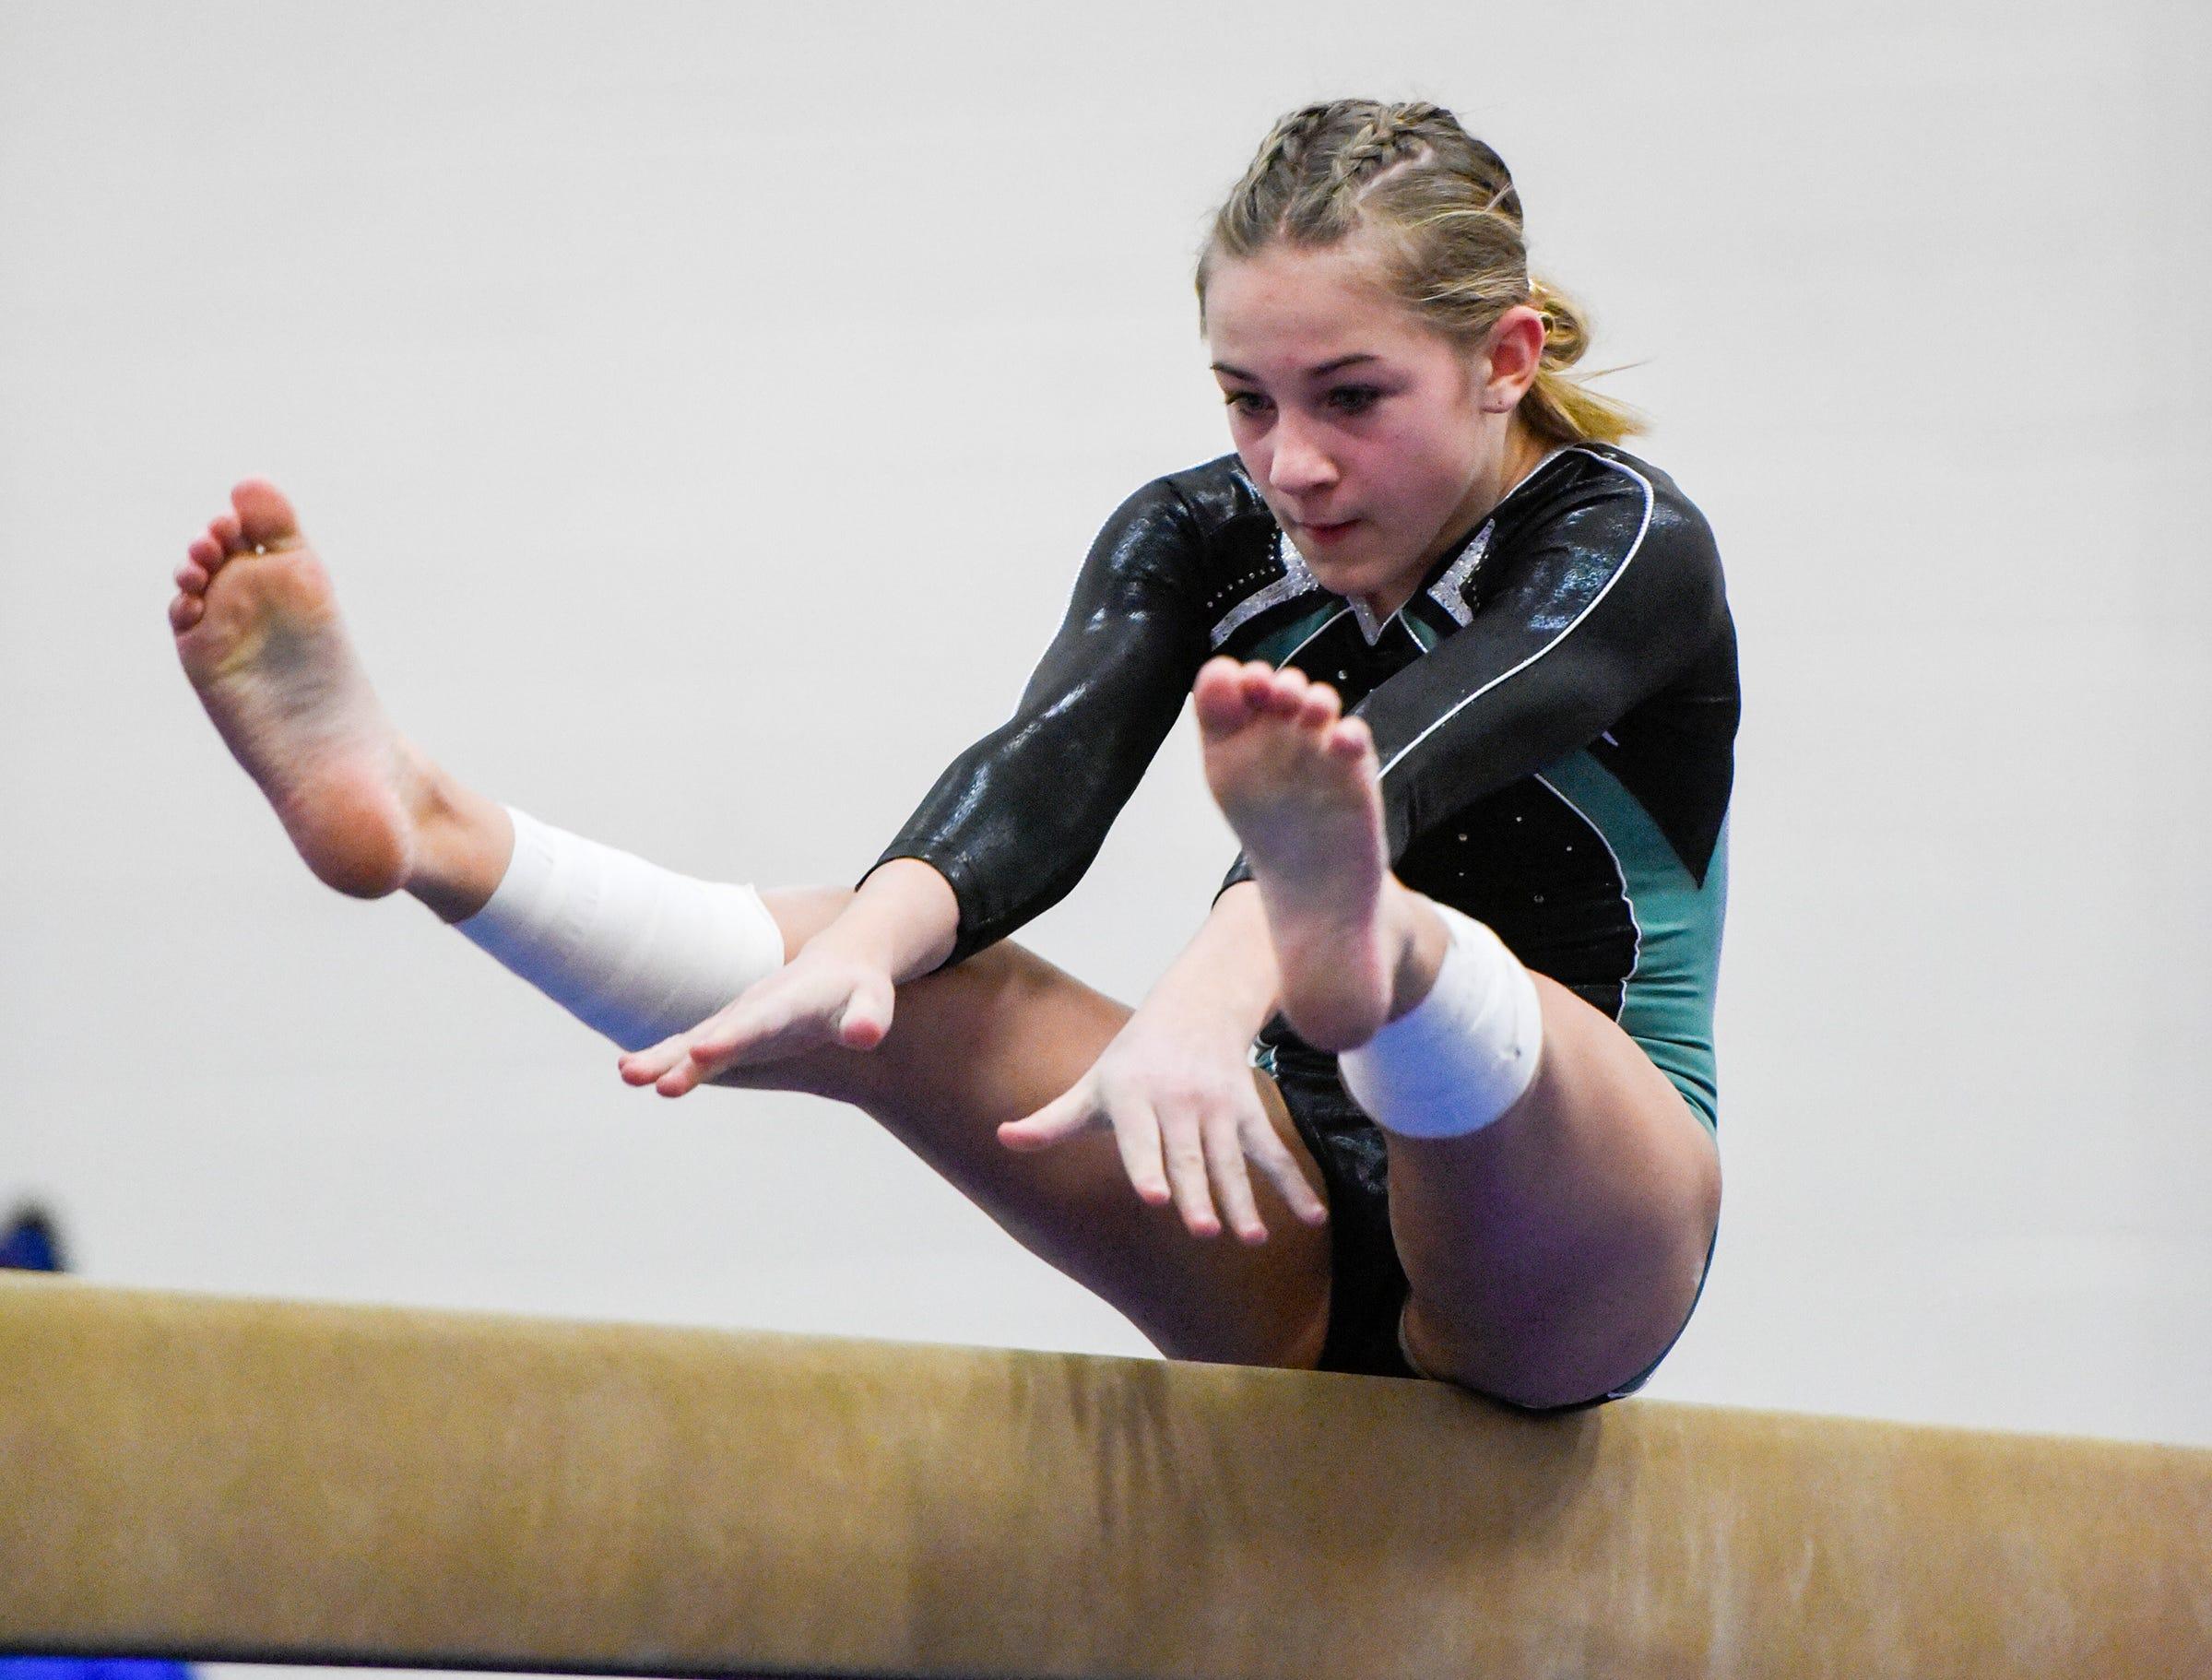 Sauk Rapids' Liberty Kosloski competes on the beam Thursday, Jan. 3, at the Sauk Rapids-Rice High School.